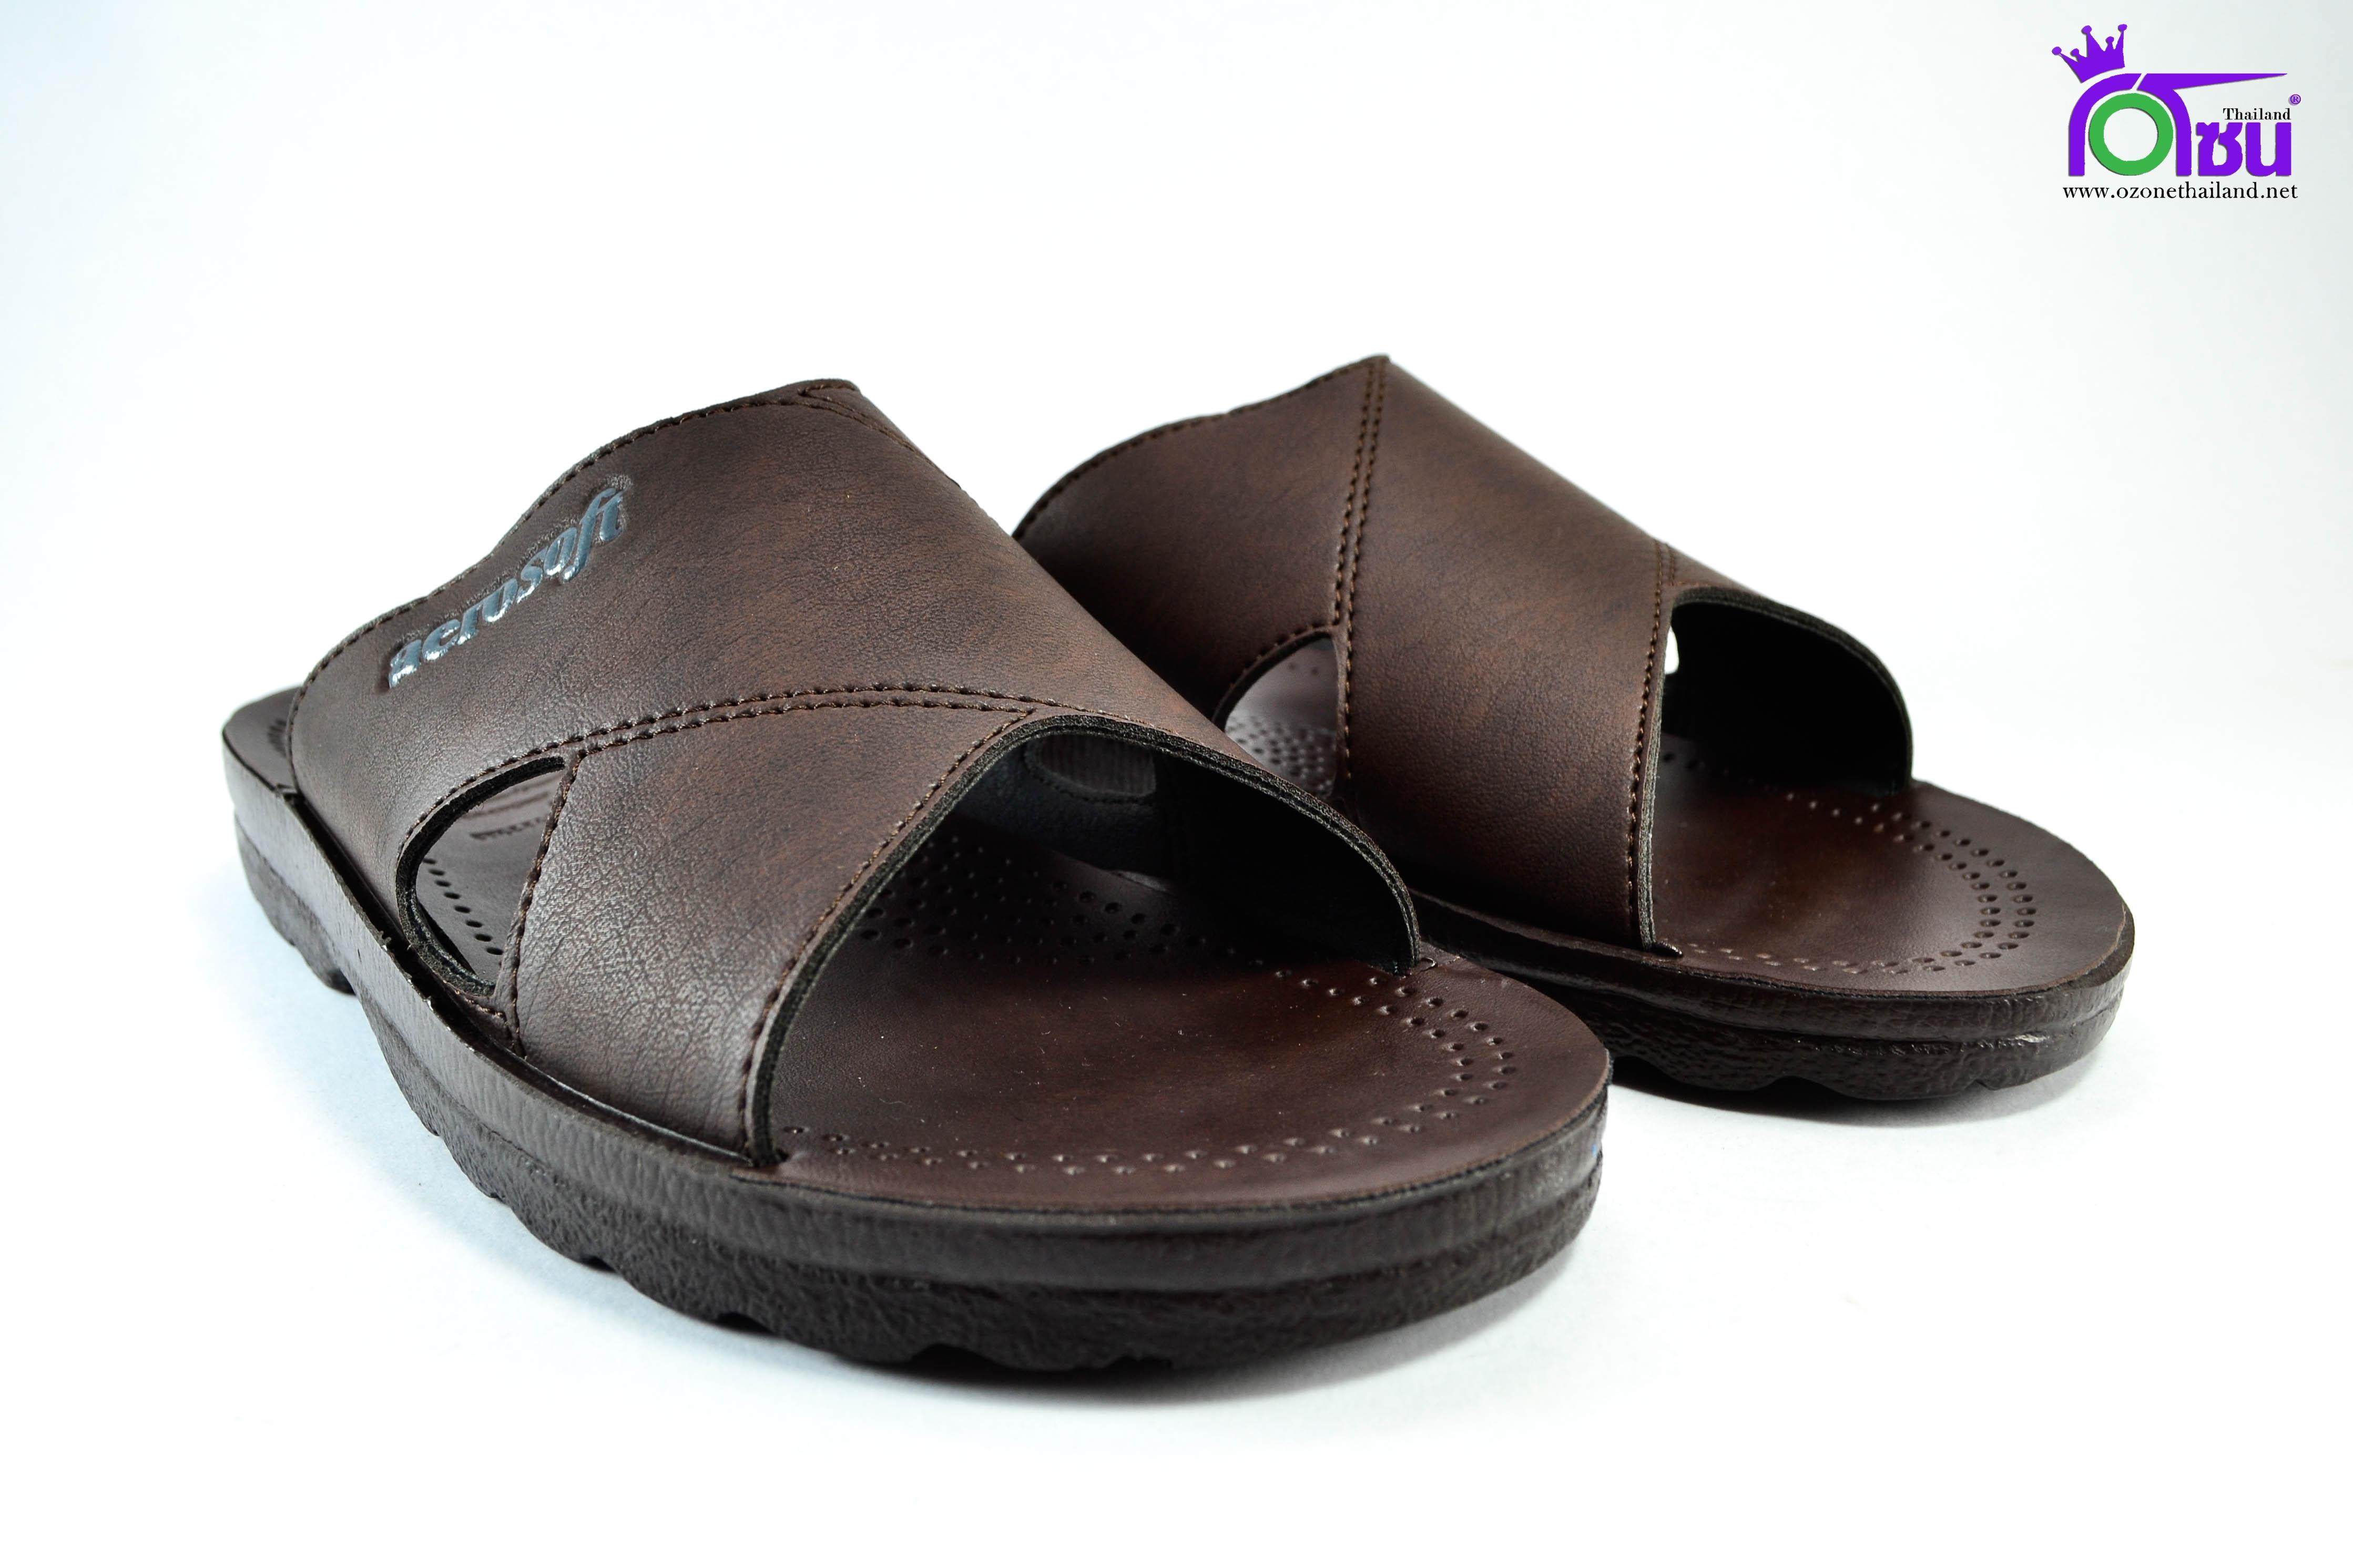 รองเท้าหนัง Aerosoft 4231 น้ำตาล